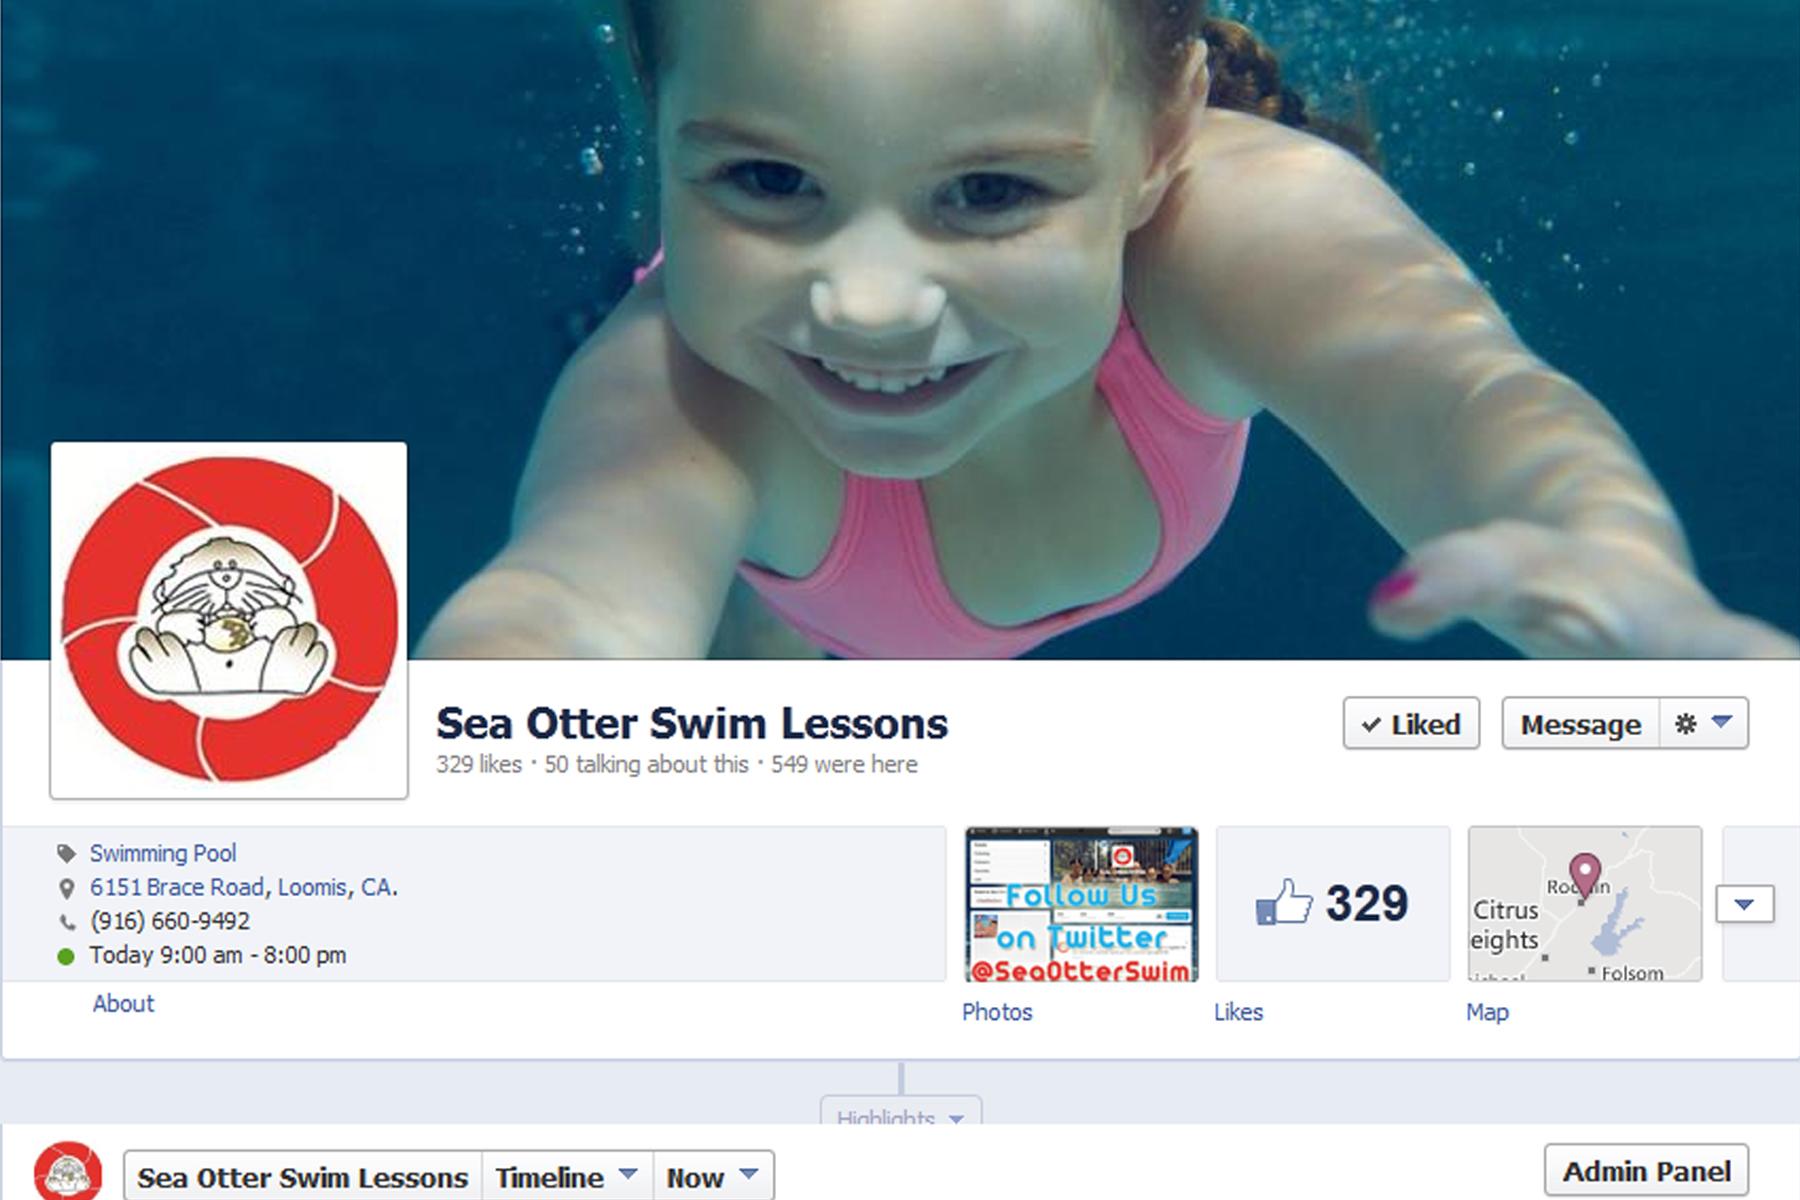 SEA-OTTER-SWIM-LESSONS-FACEBOOK